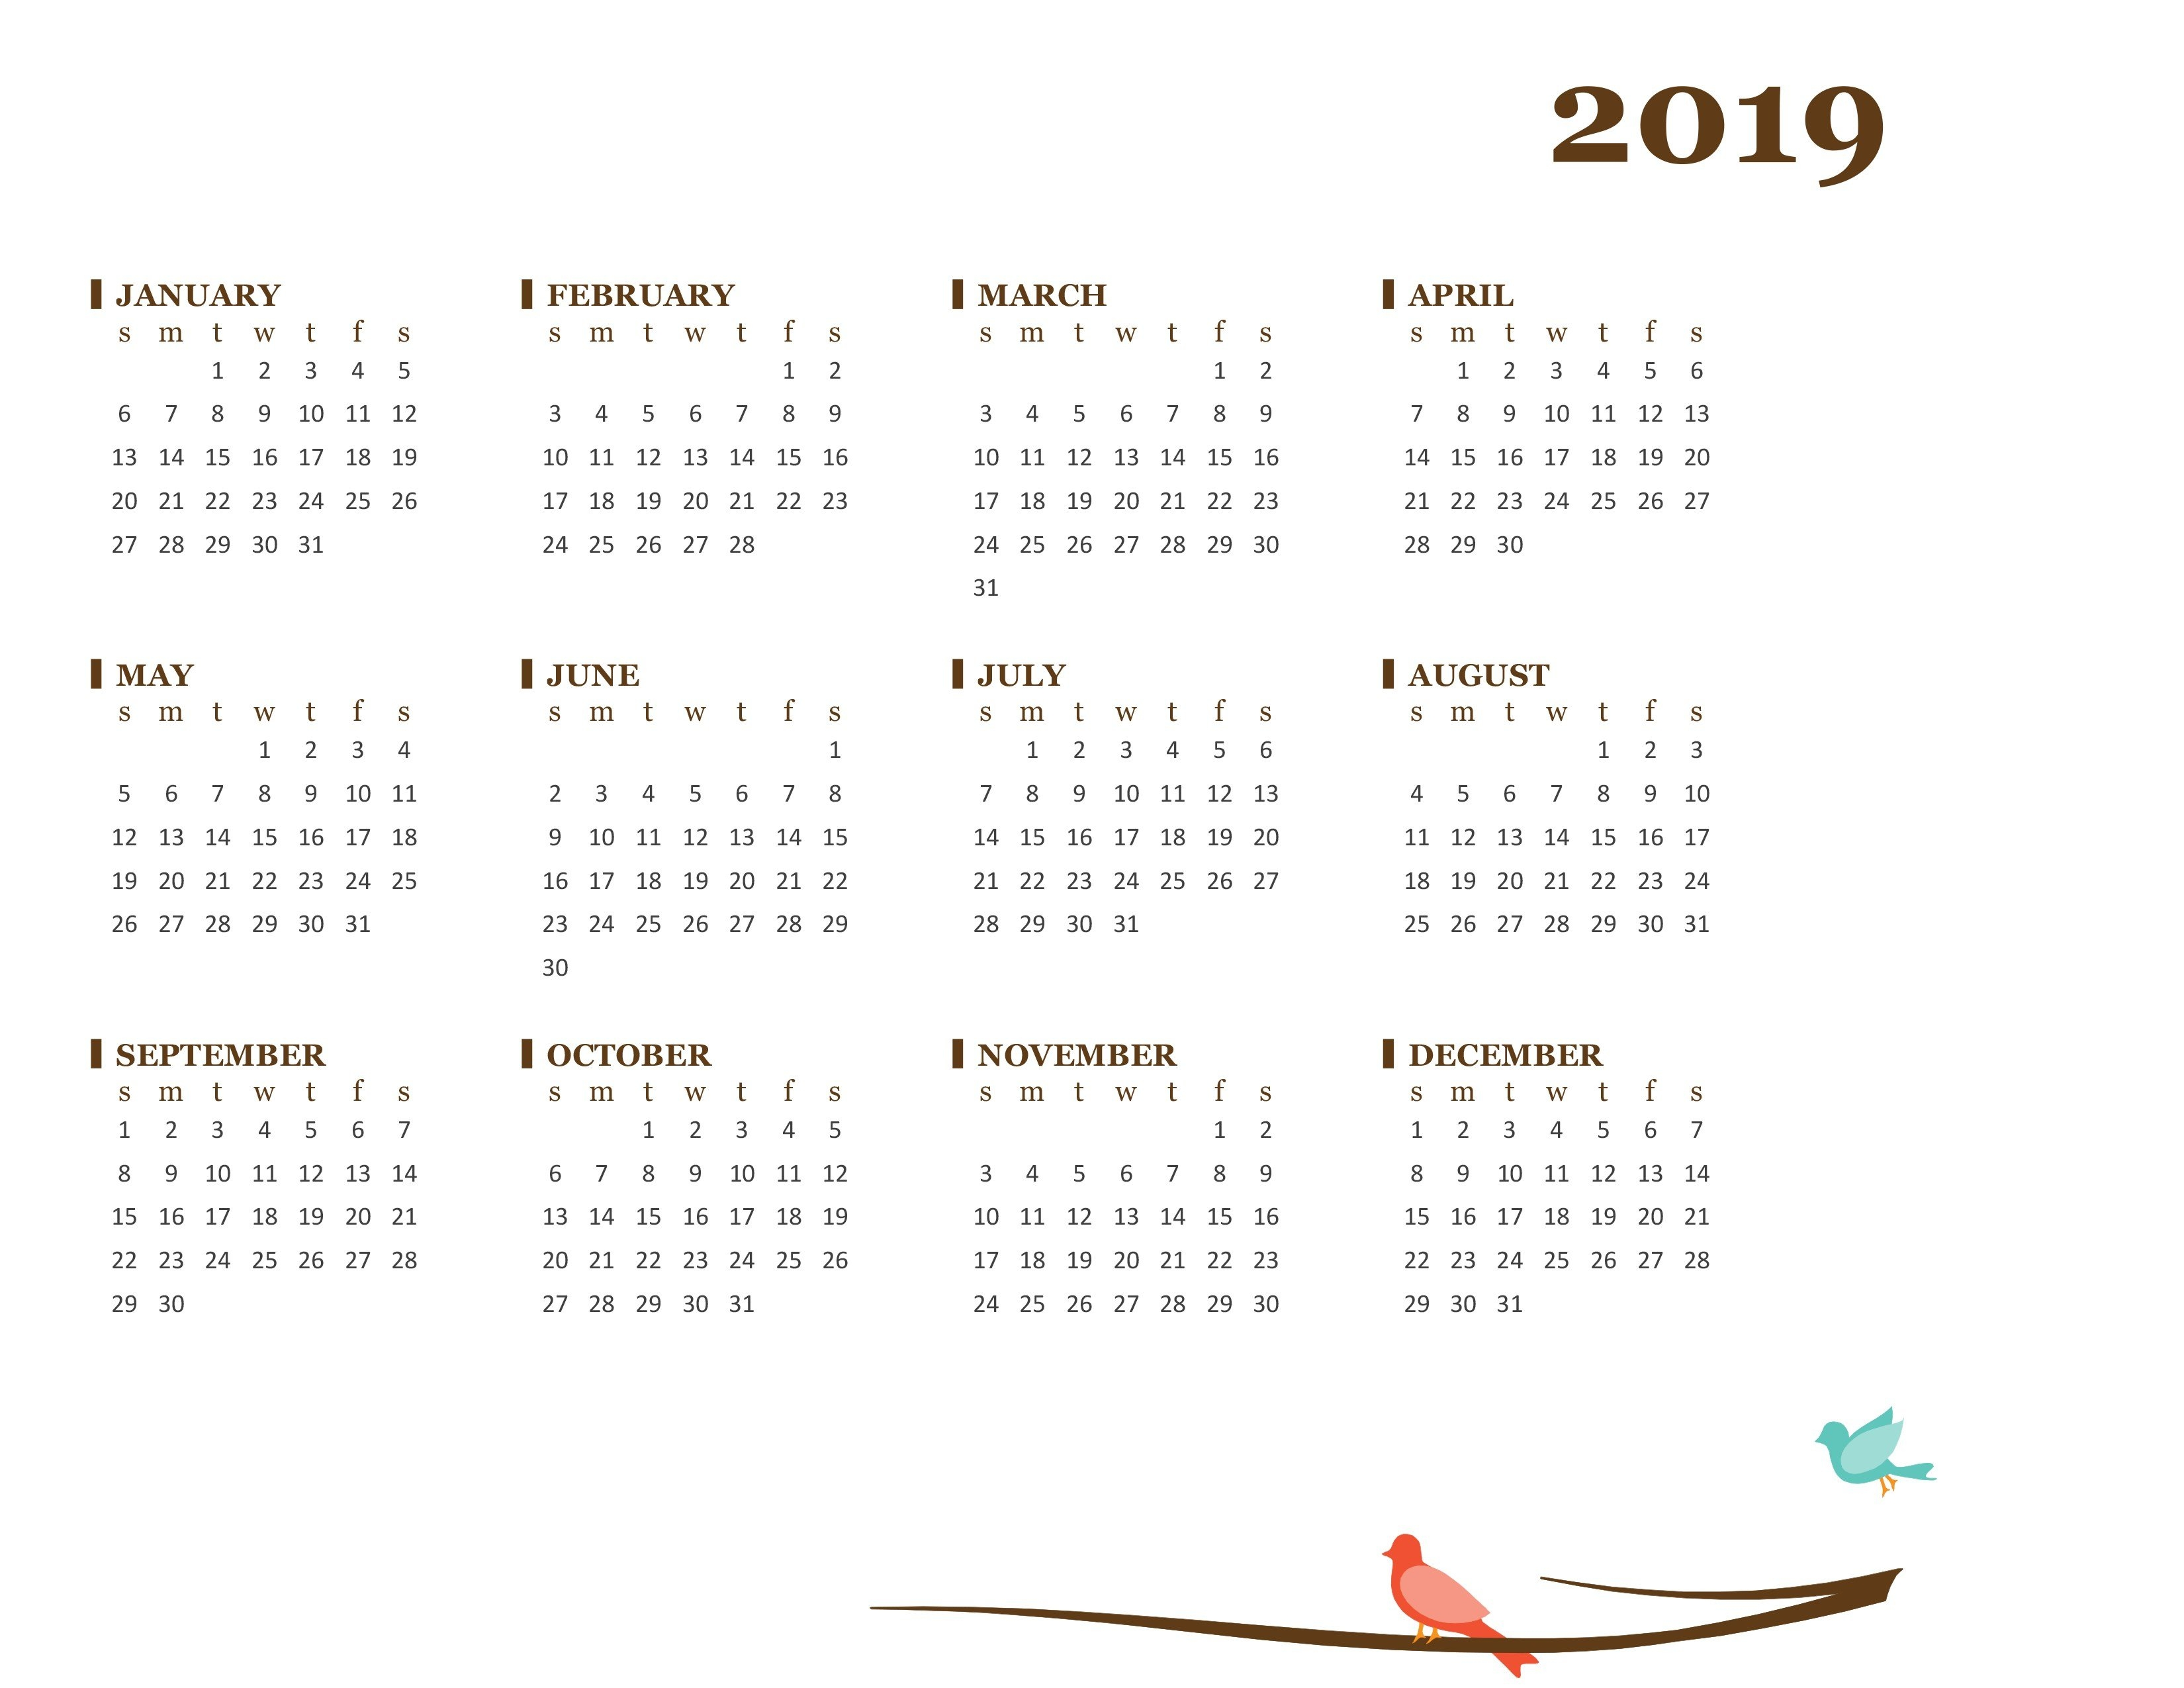 2019 Yearly Calendar (Sun Sat) Calendar 2019 Year At A Glance